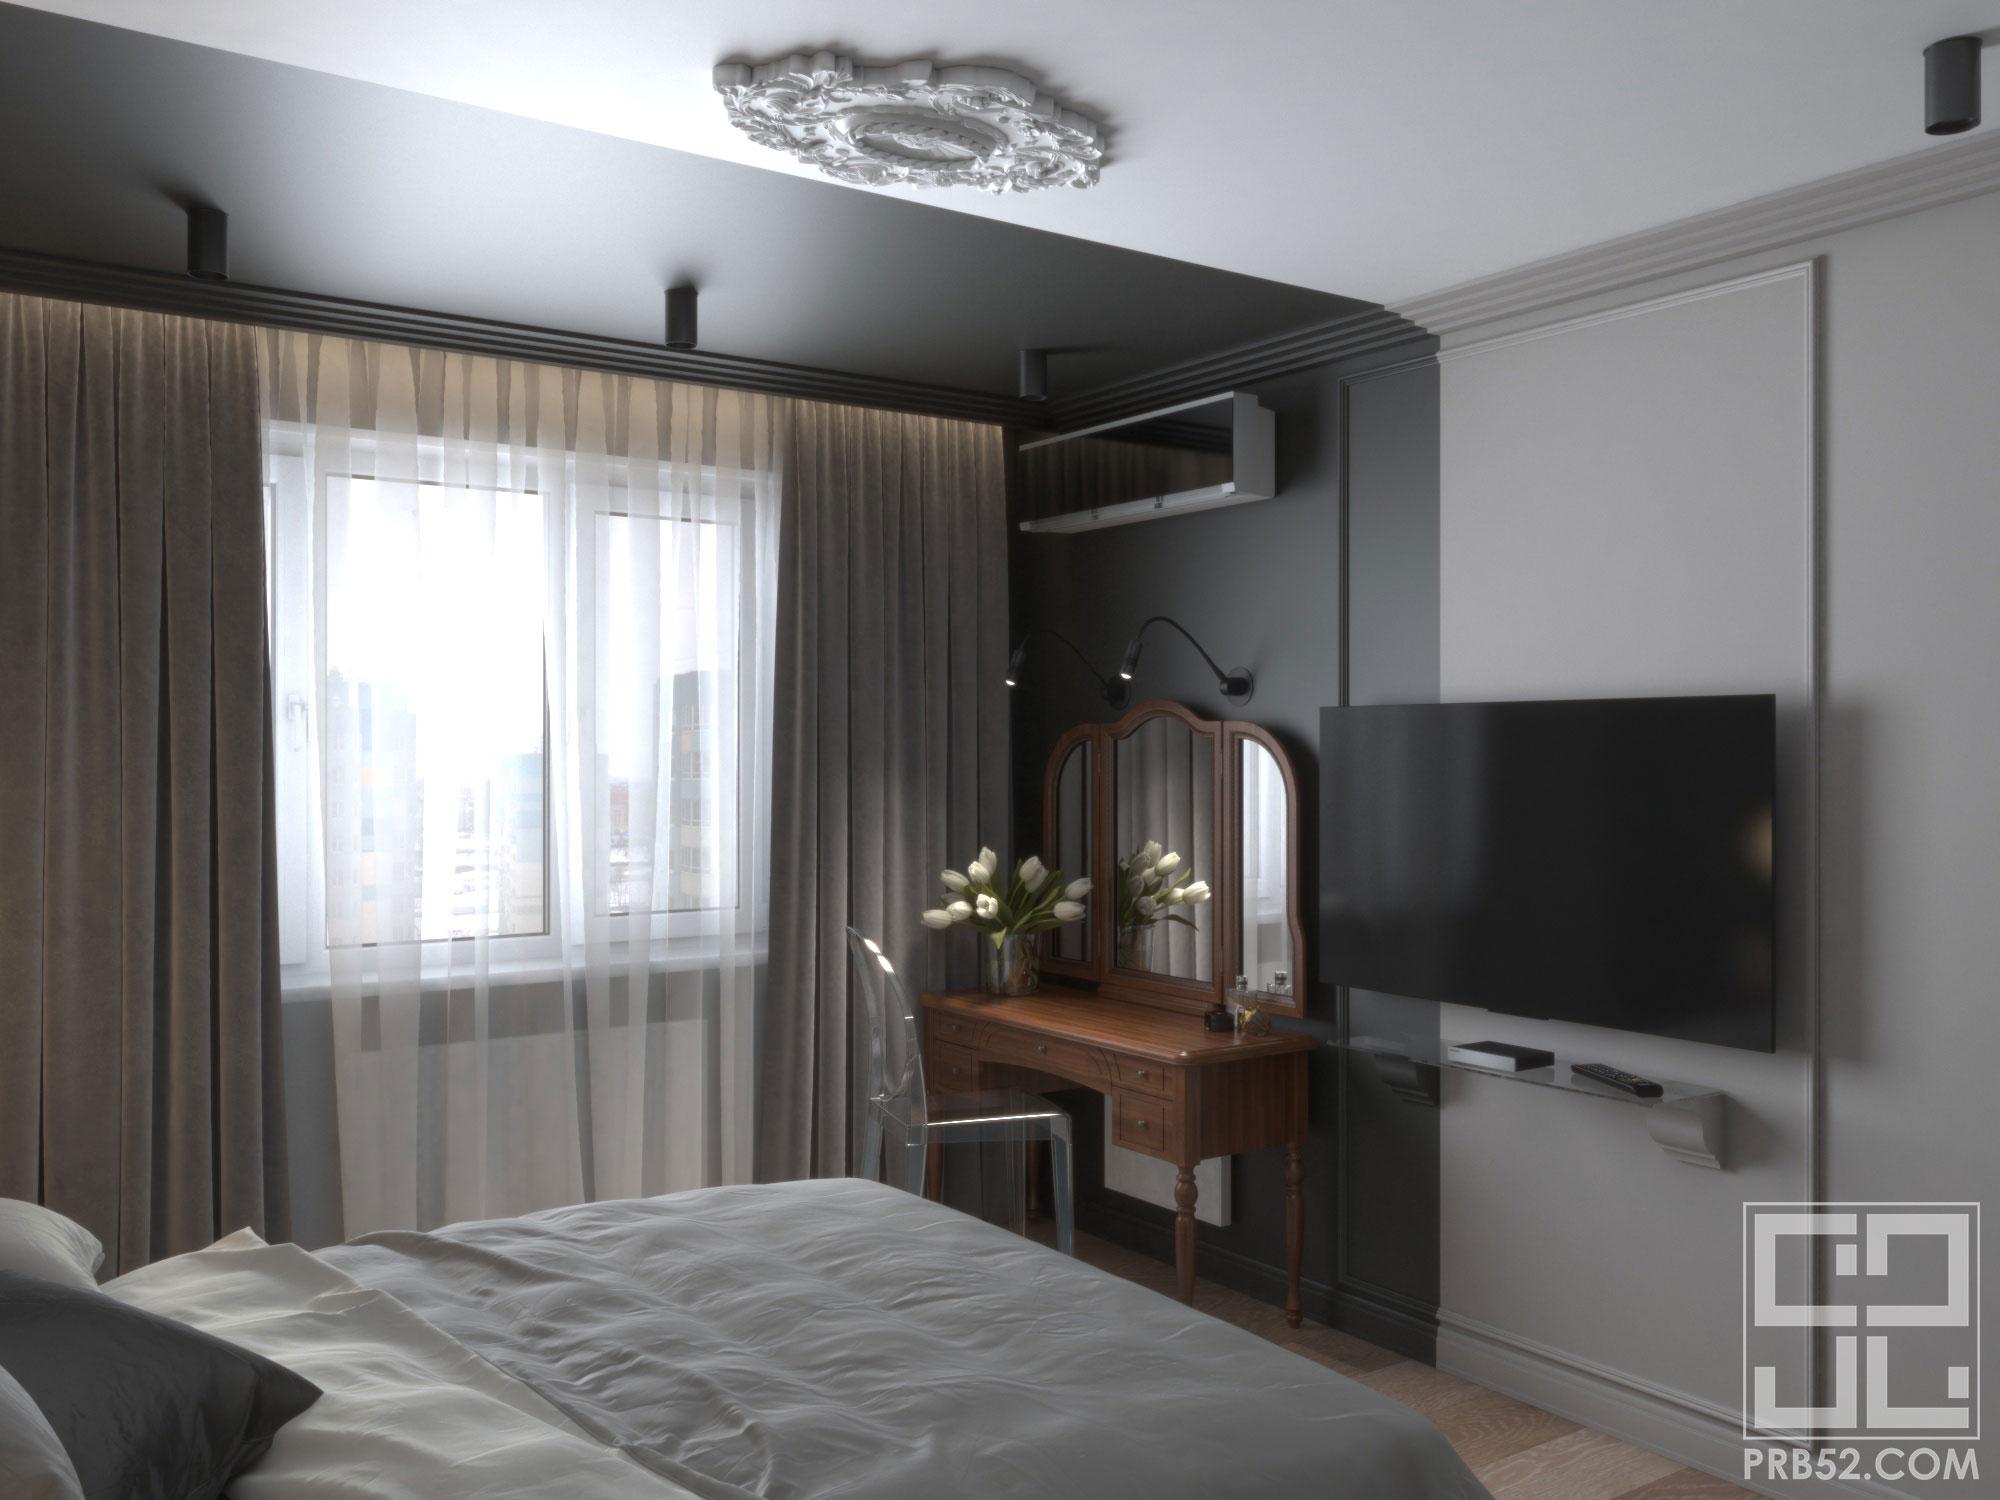 дизайн интерьера спальни с туалетным дамским столиком